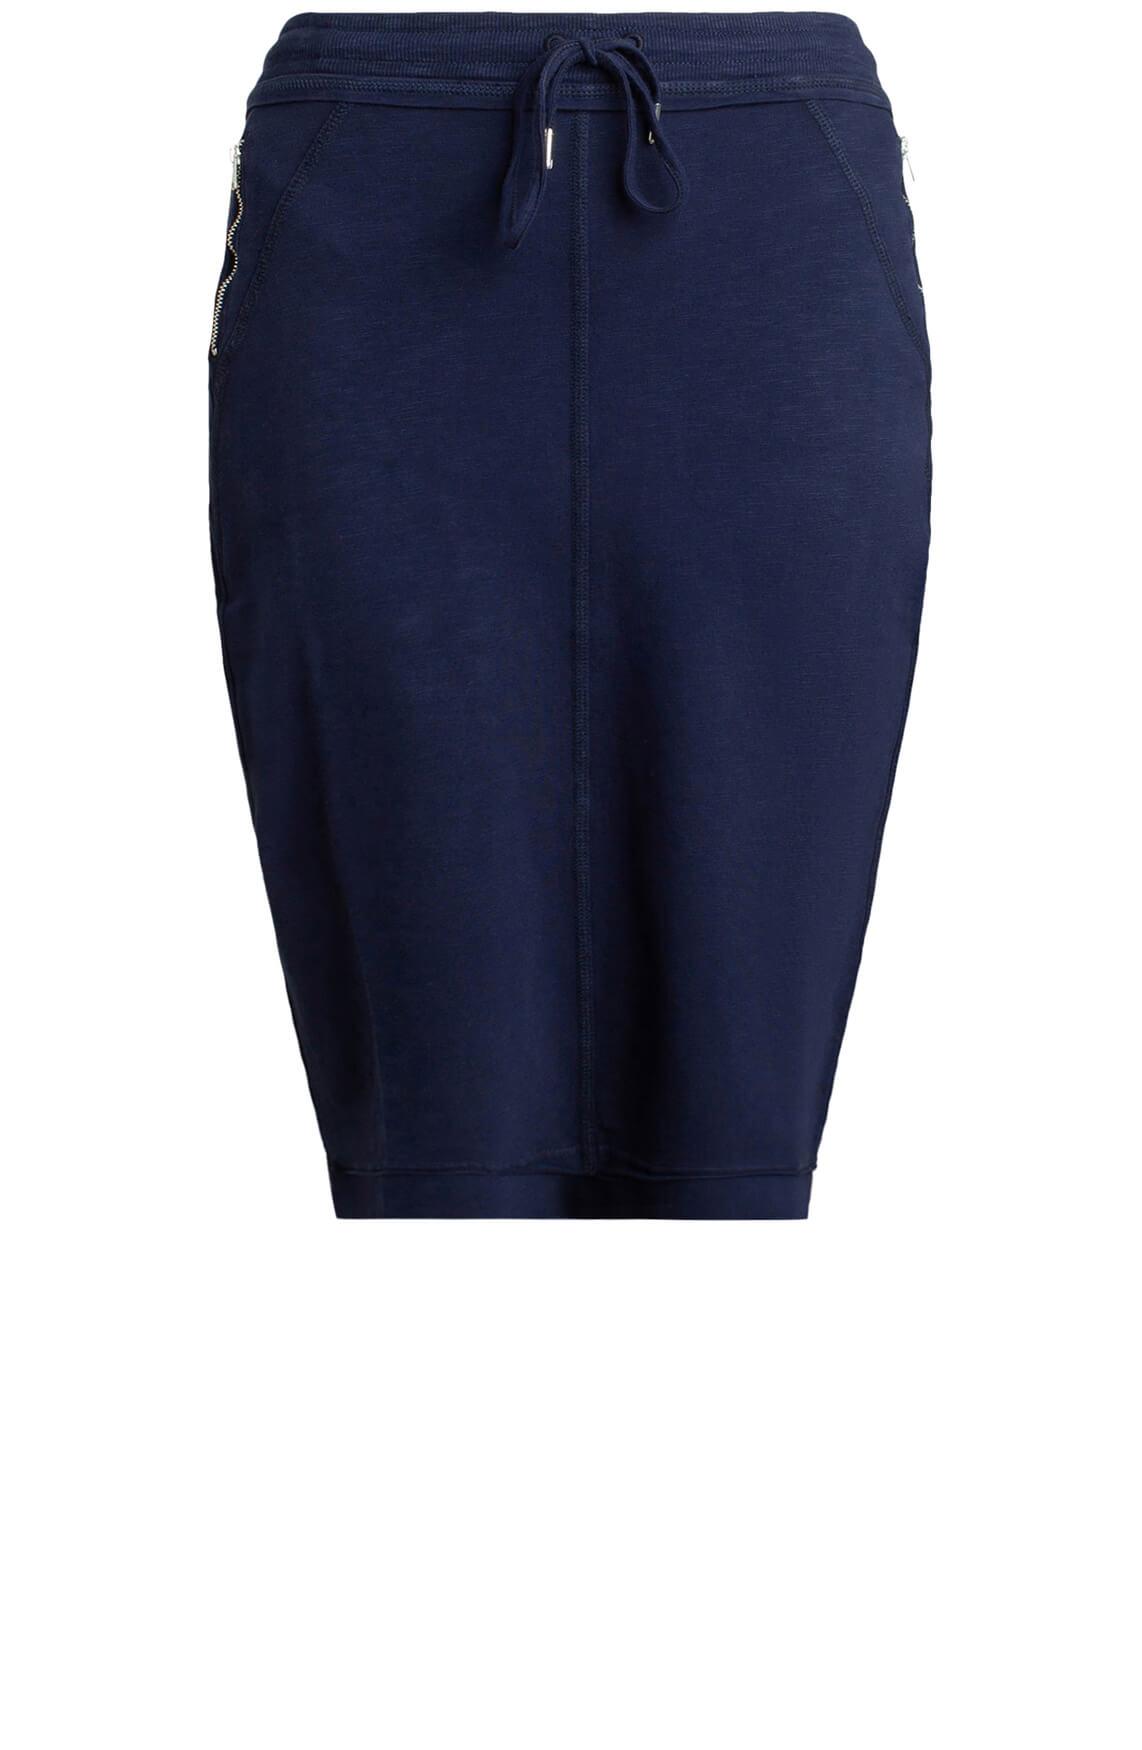 Anna Blue Dames Rok met stoere details Blauw